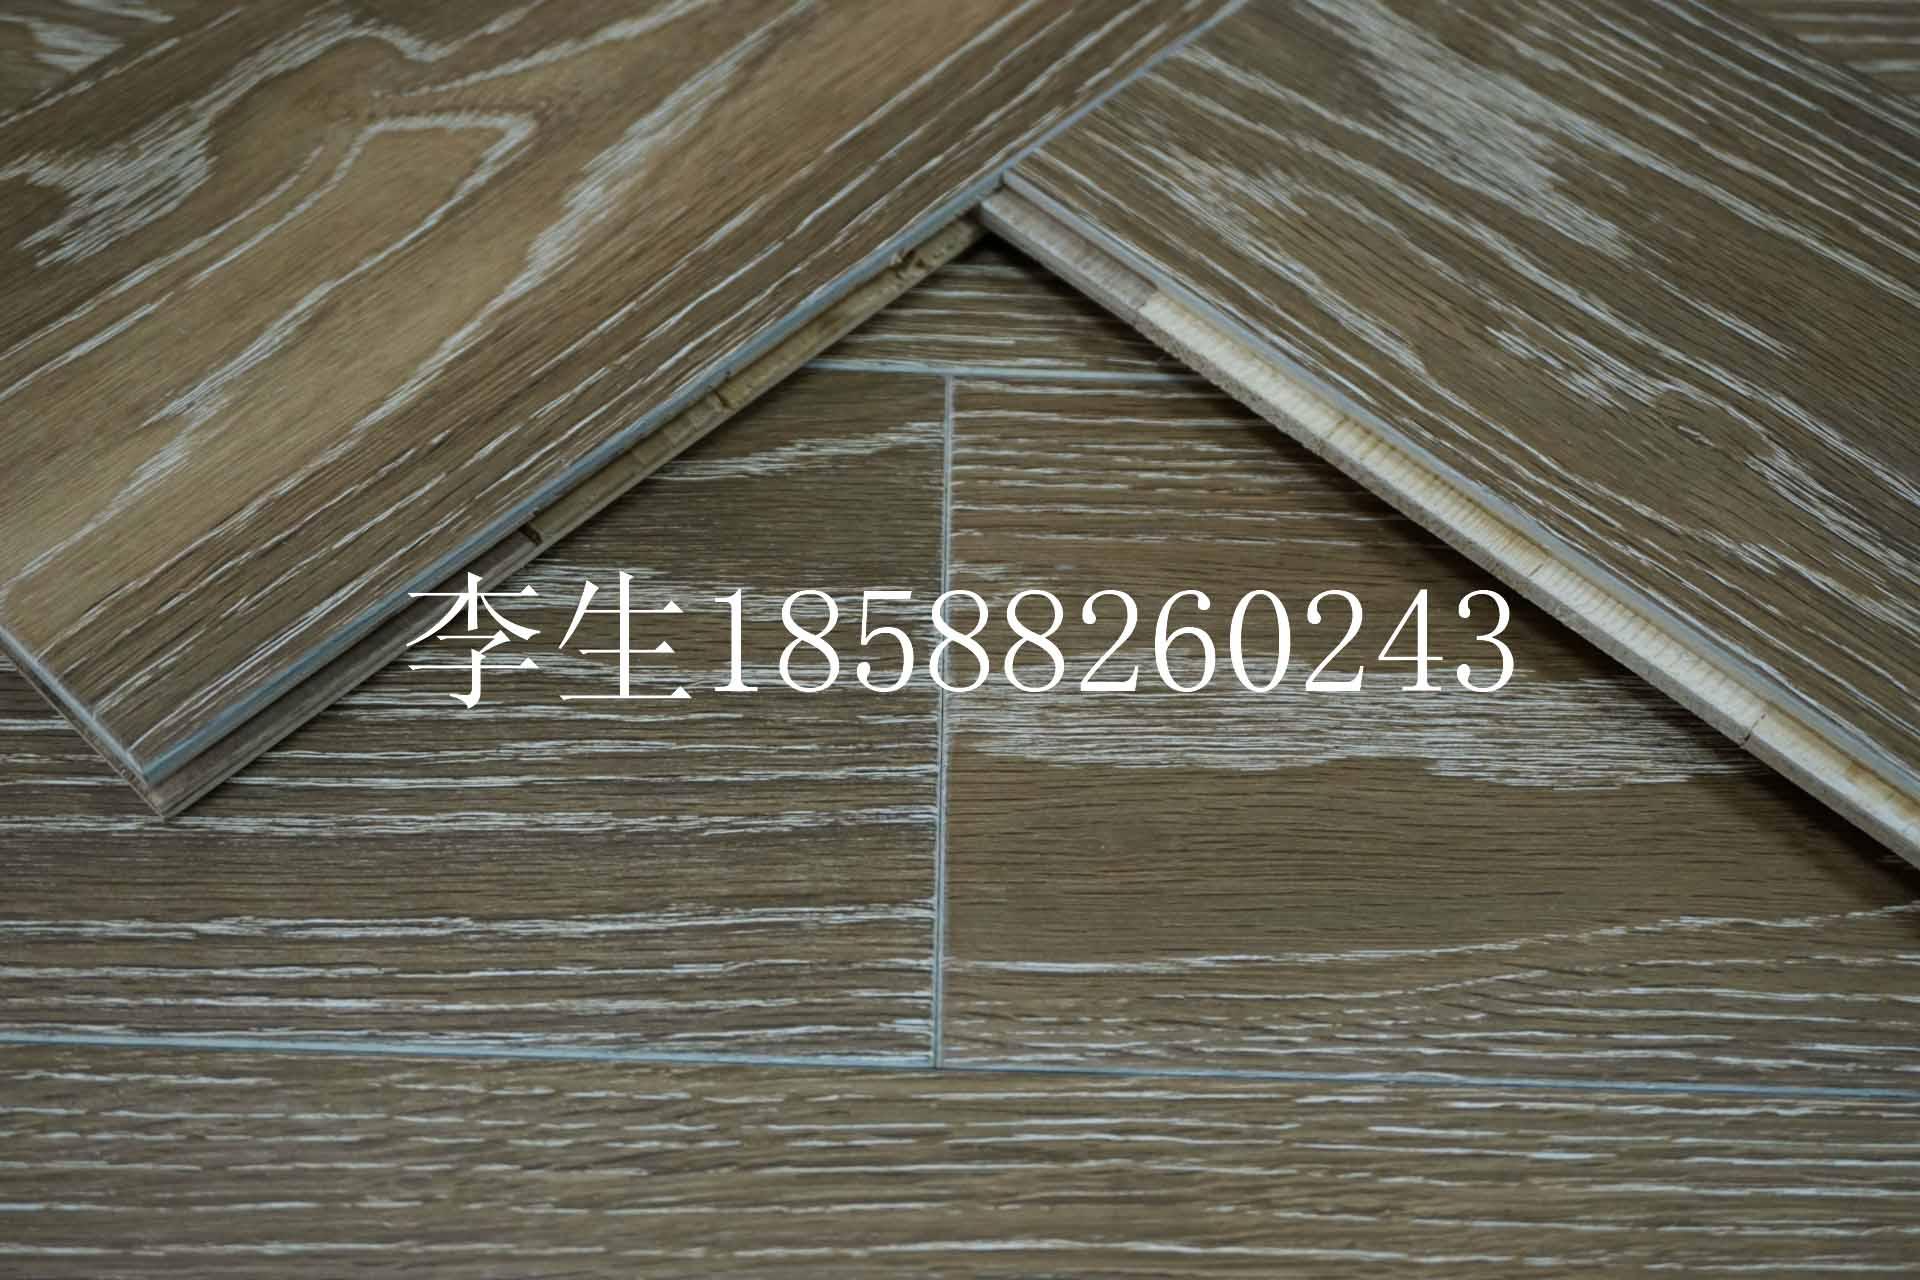 供应橡木烟熏白边多层实木复合地板厂价直销